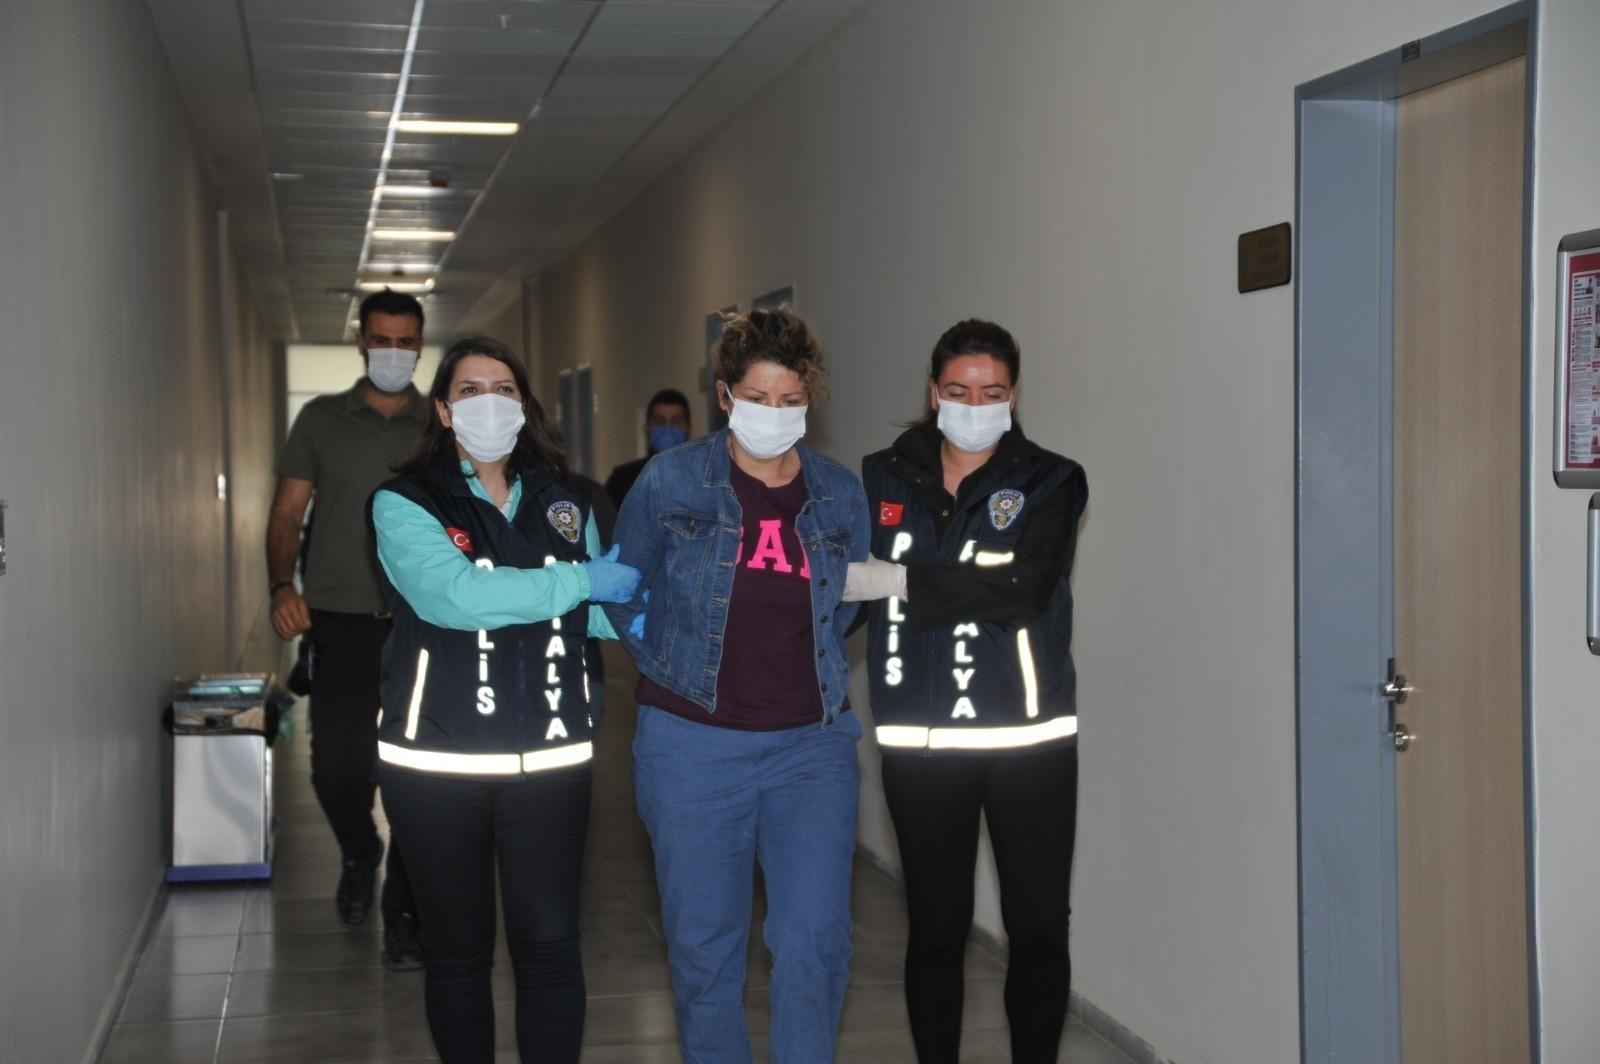 Aile mesleği haline getirdiler! Kolombiyalı karı koca hırsızlık çetesi çökertildi